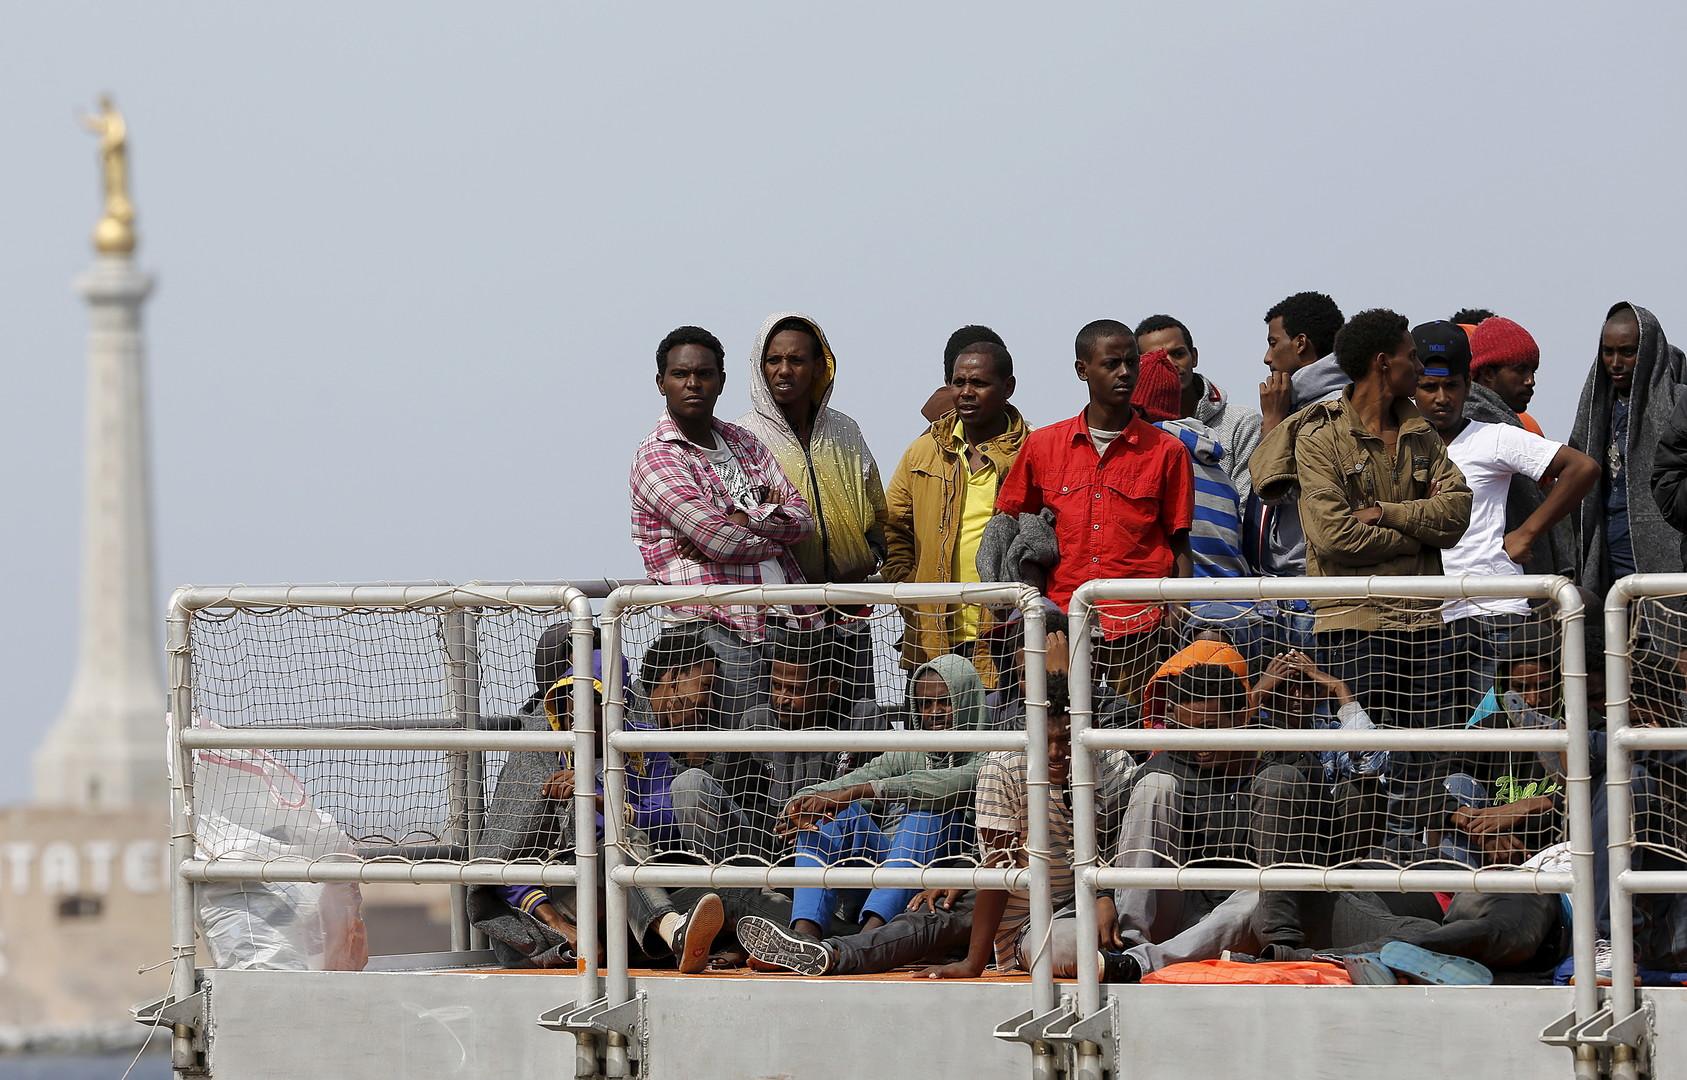 La guerre de l'UE contre les migrants renforcera Daesh, mais peut-être est-ce le but recherché